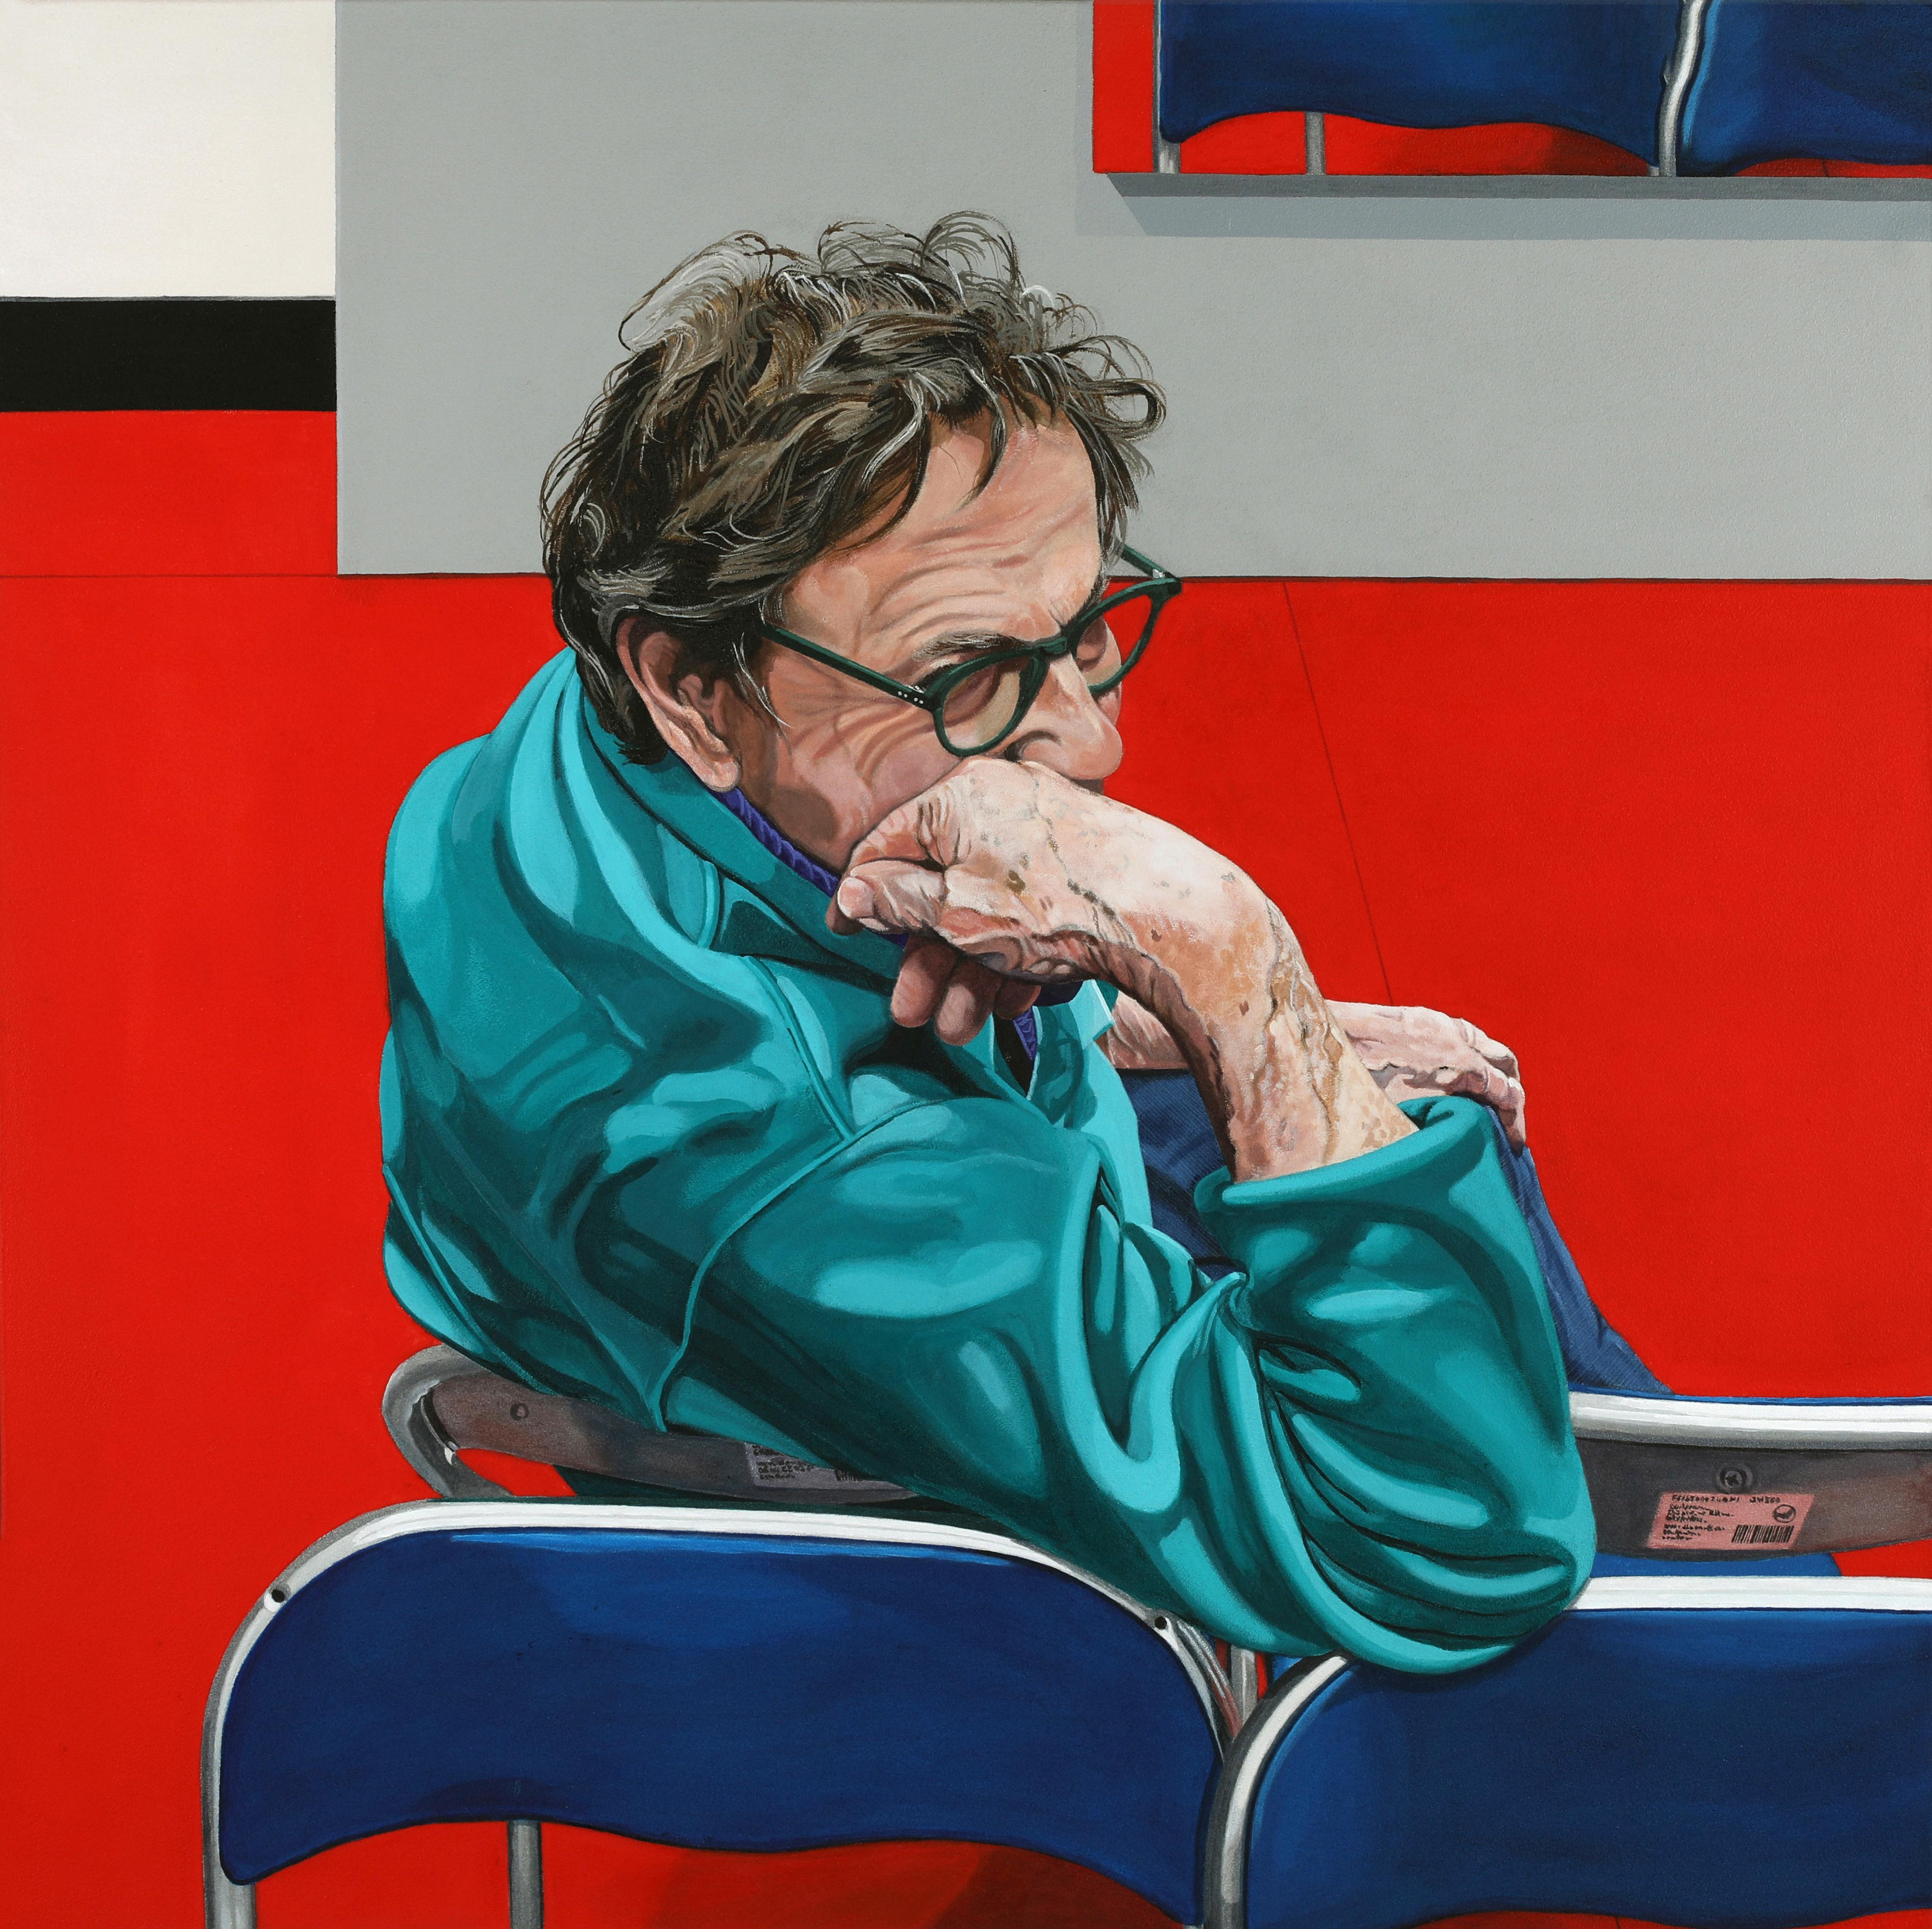 Peinture hyperréalisme Hervé Bernard : Autoportrait aux chaises bleues